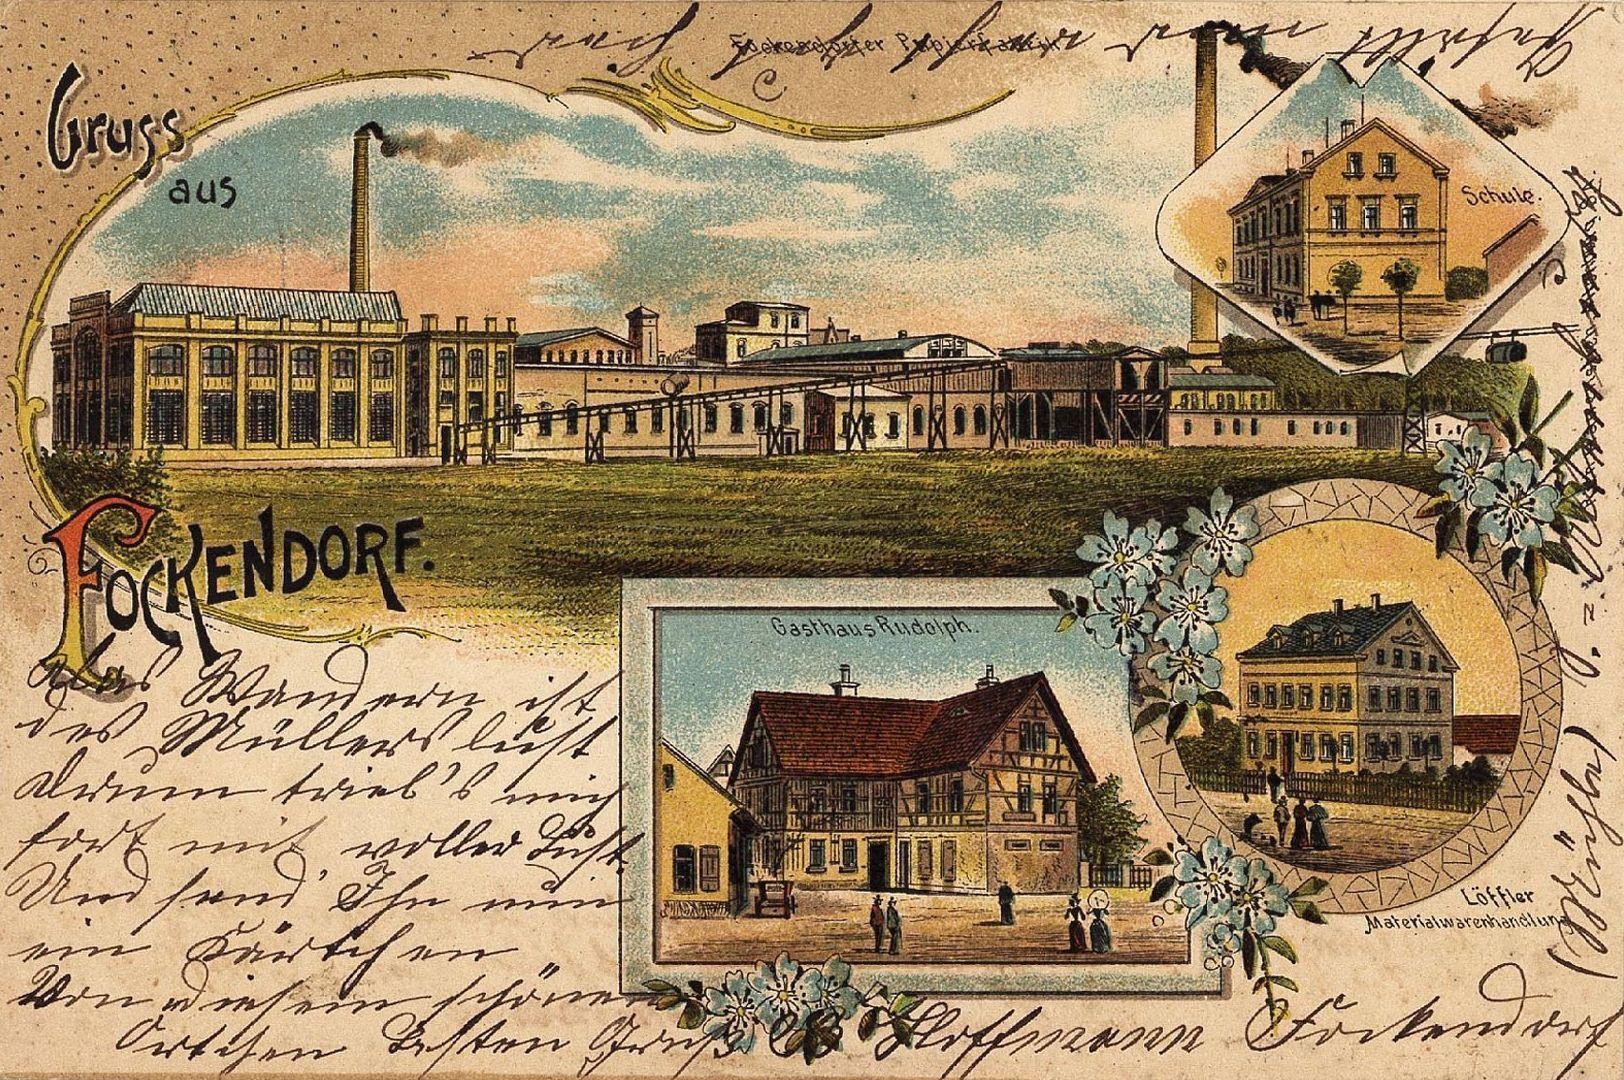 Ansichtskarte aus Fockendorf